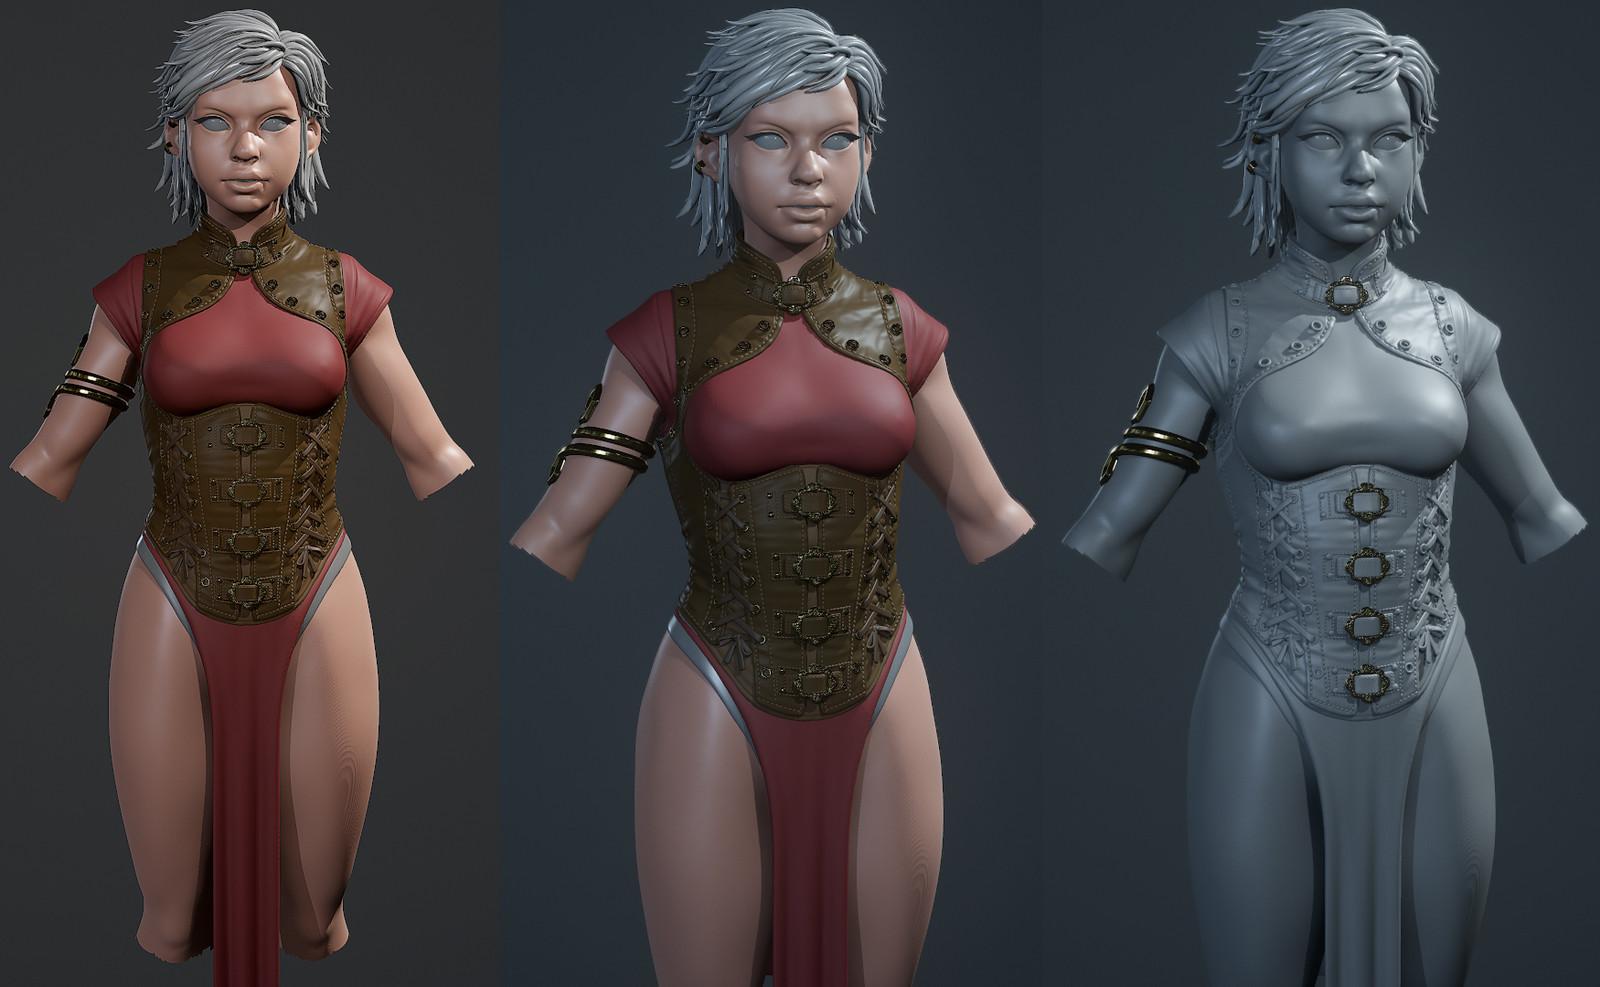 Test renders of armor in Toolbag 3